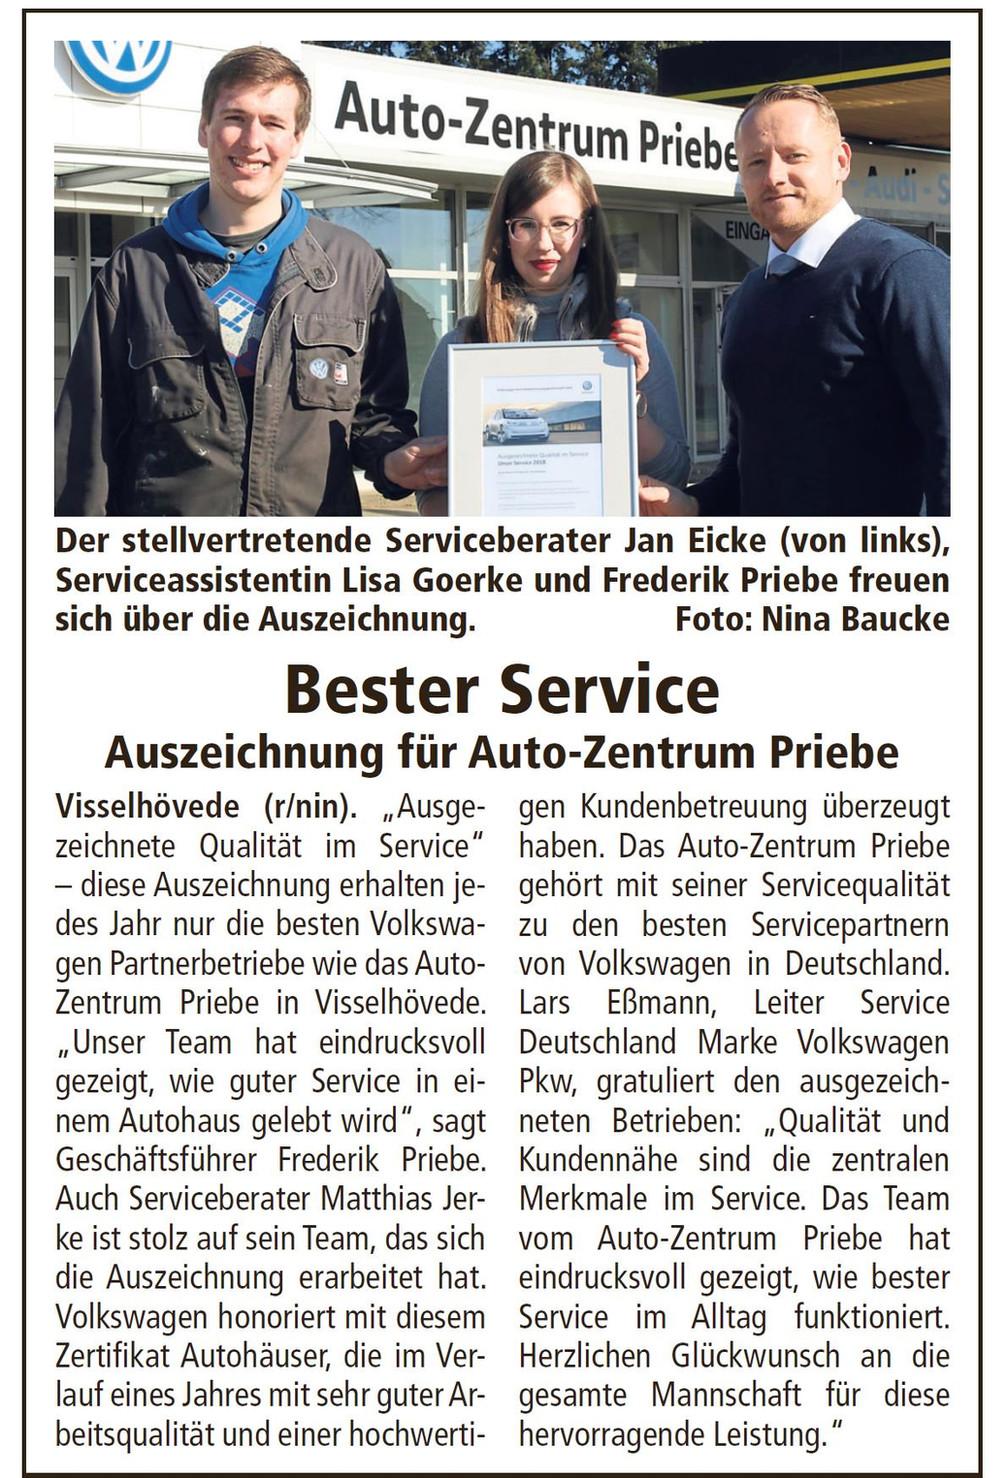 Bester Service: Auszeichnung für das Autozentrum Priebe